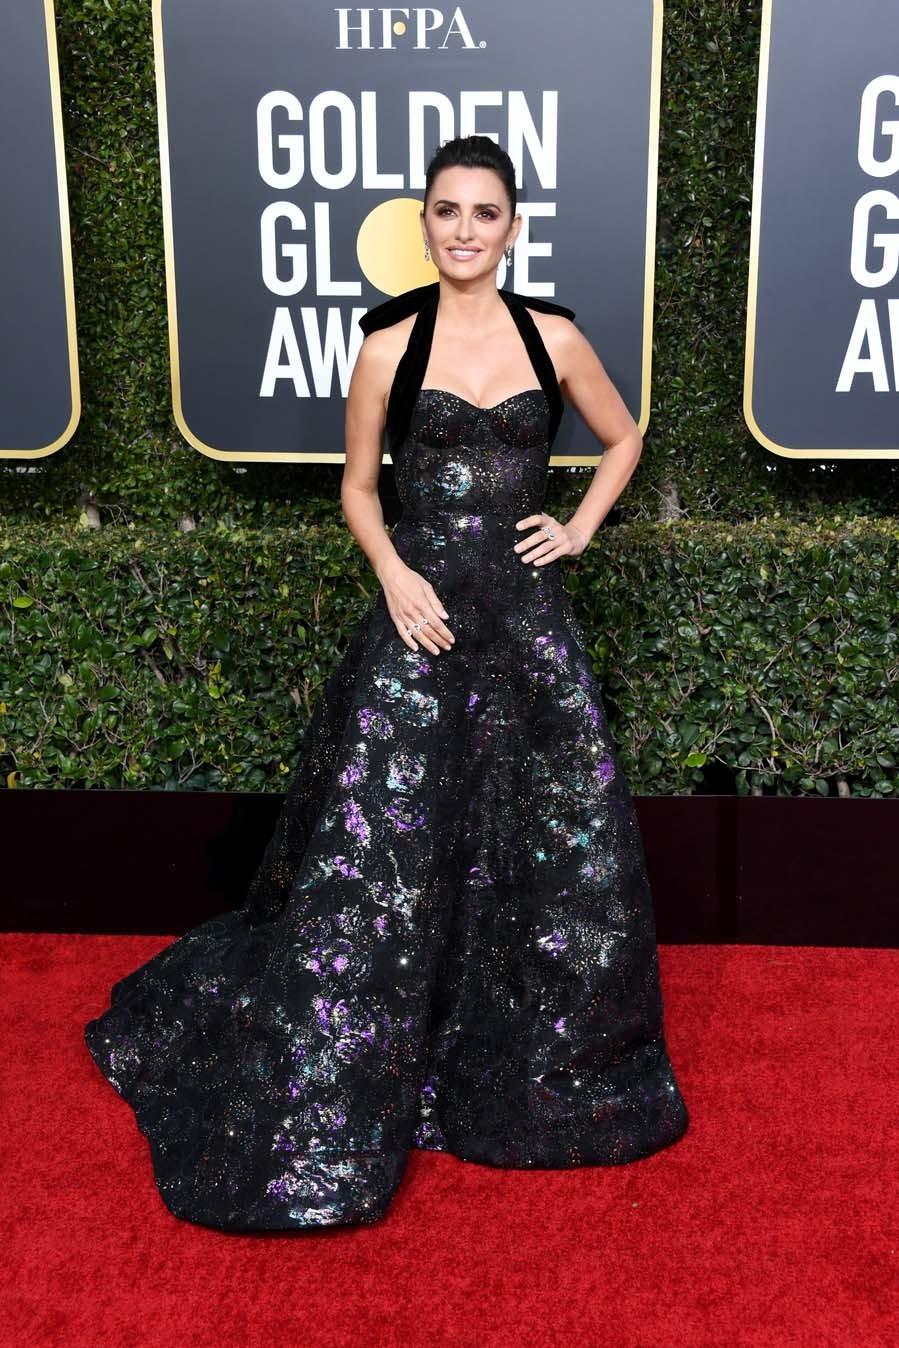 Penélope Cruz ha paseado por la alfombra roja de los Globos de Oro 2019 con un vestido de Ralph & Russo y completó su look con zapatos de Jimmy Choo y joyas de la Fine Jewelry Collection de Atelier Swarovski.